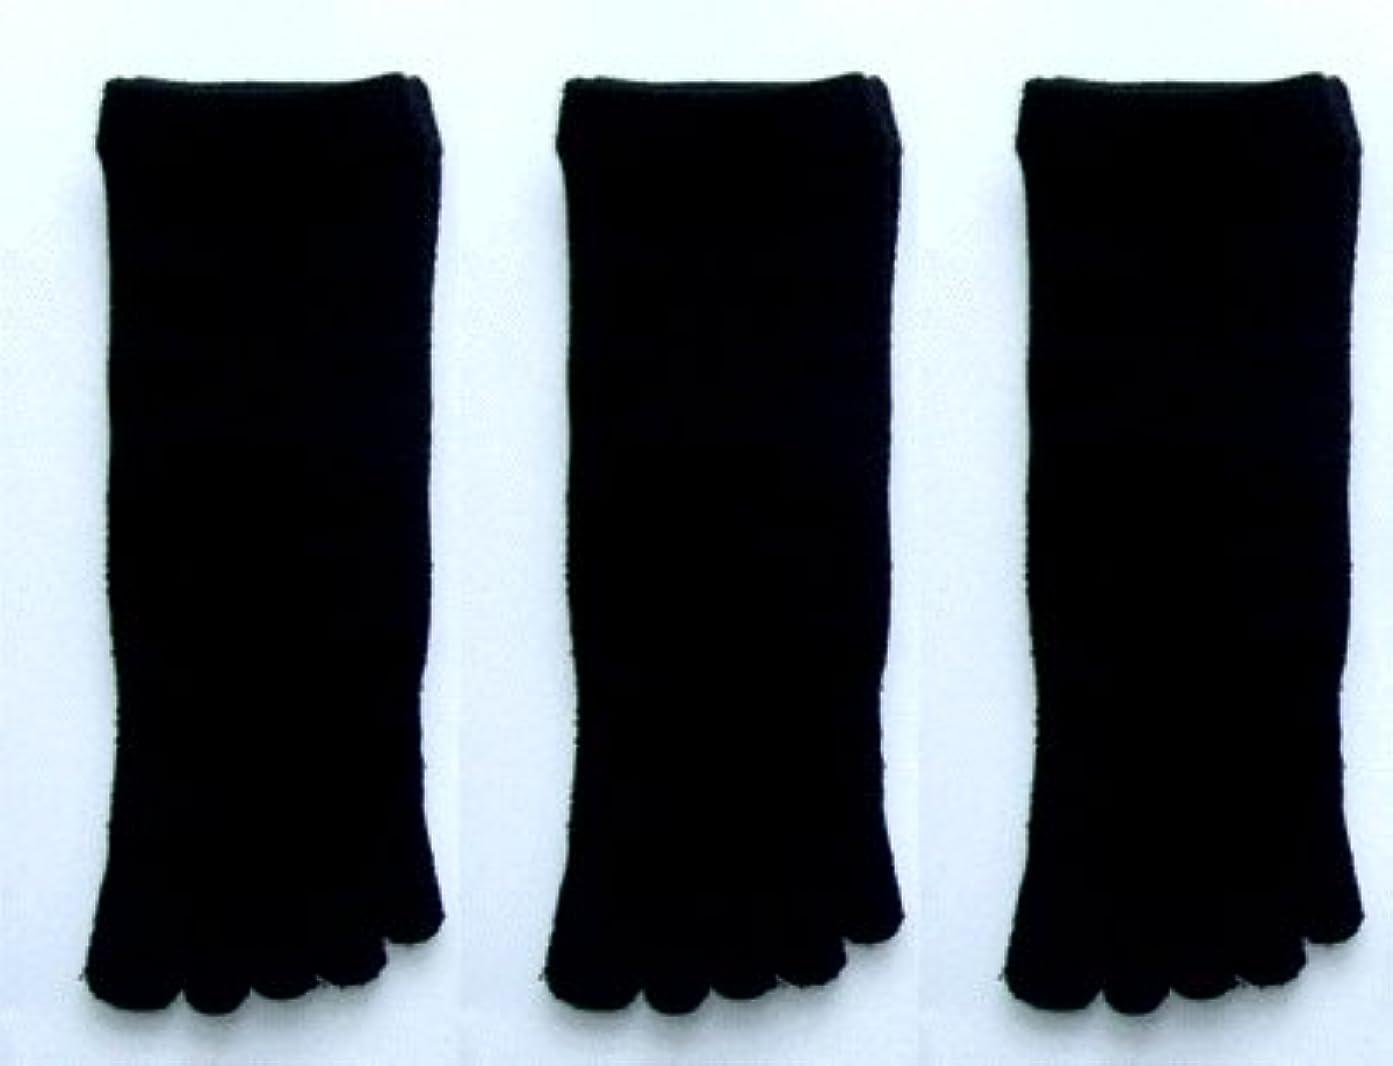 円形肌寒いチャンピオン日本製 こだわりシルク5本指ソックス 婦人用3足組 22~24 (ブラック お買得3足組)